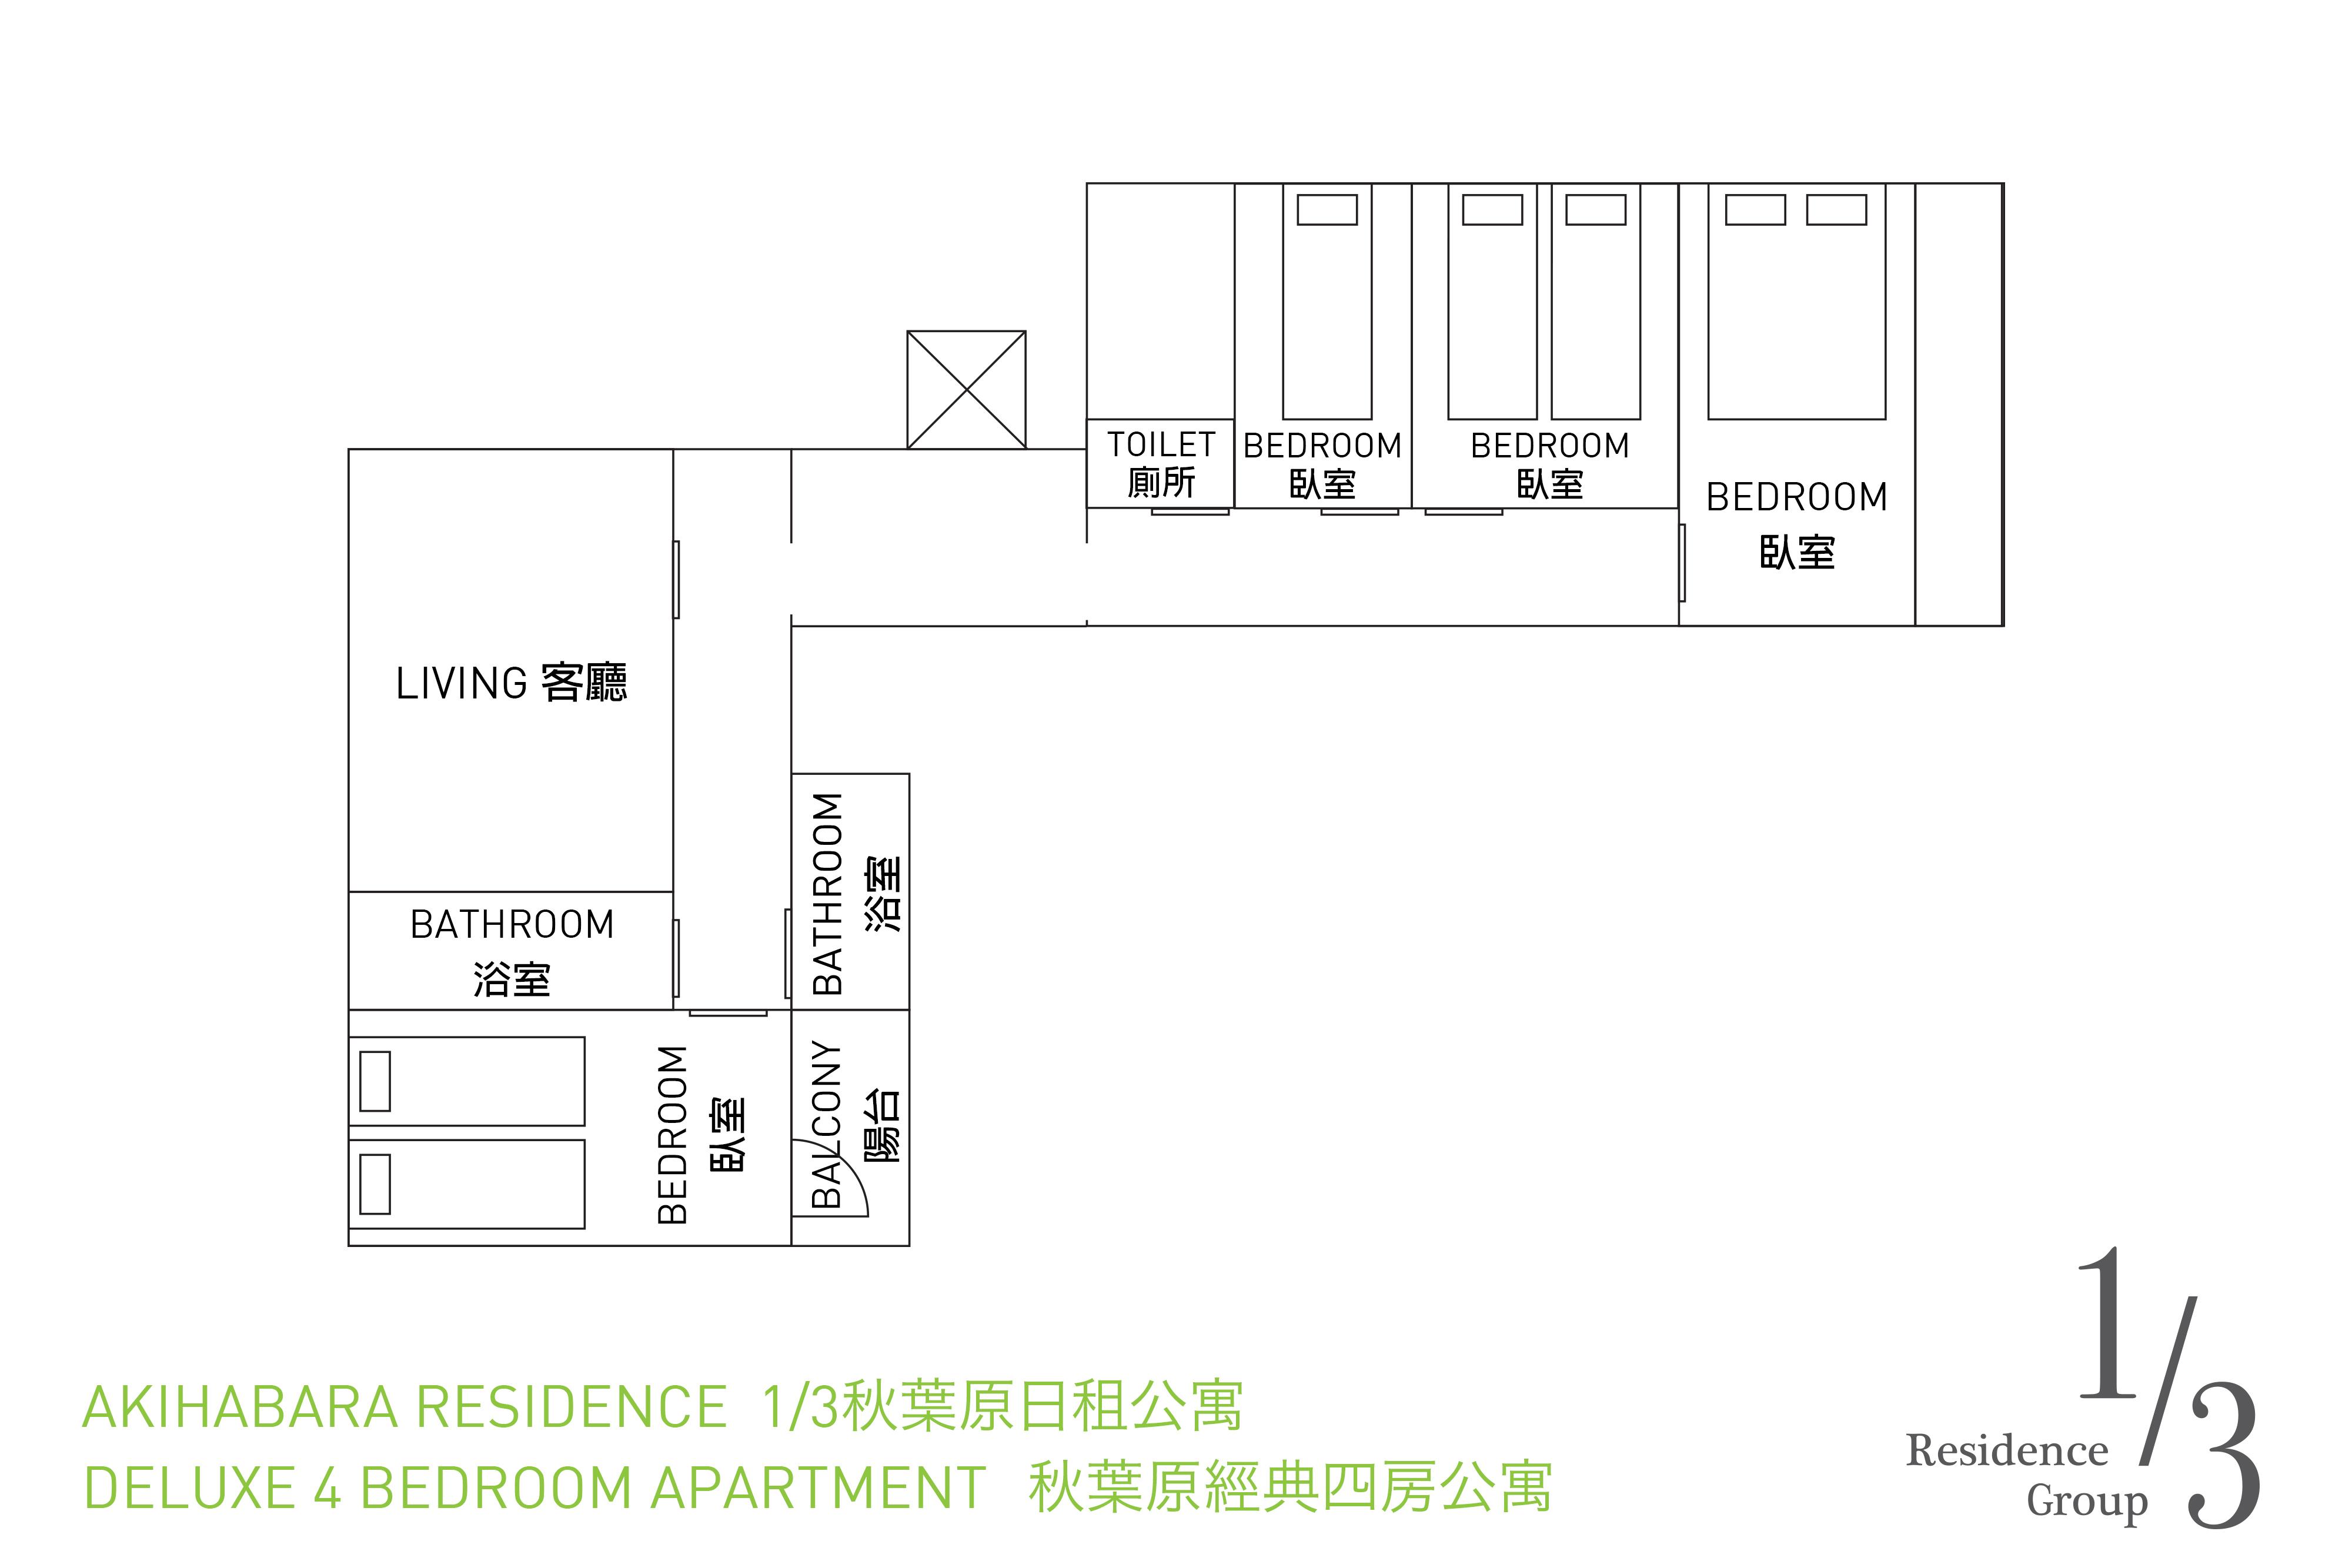 Deluxe 4 Bedroom Akihabara